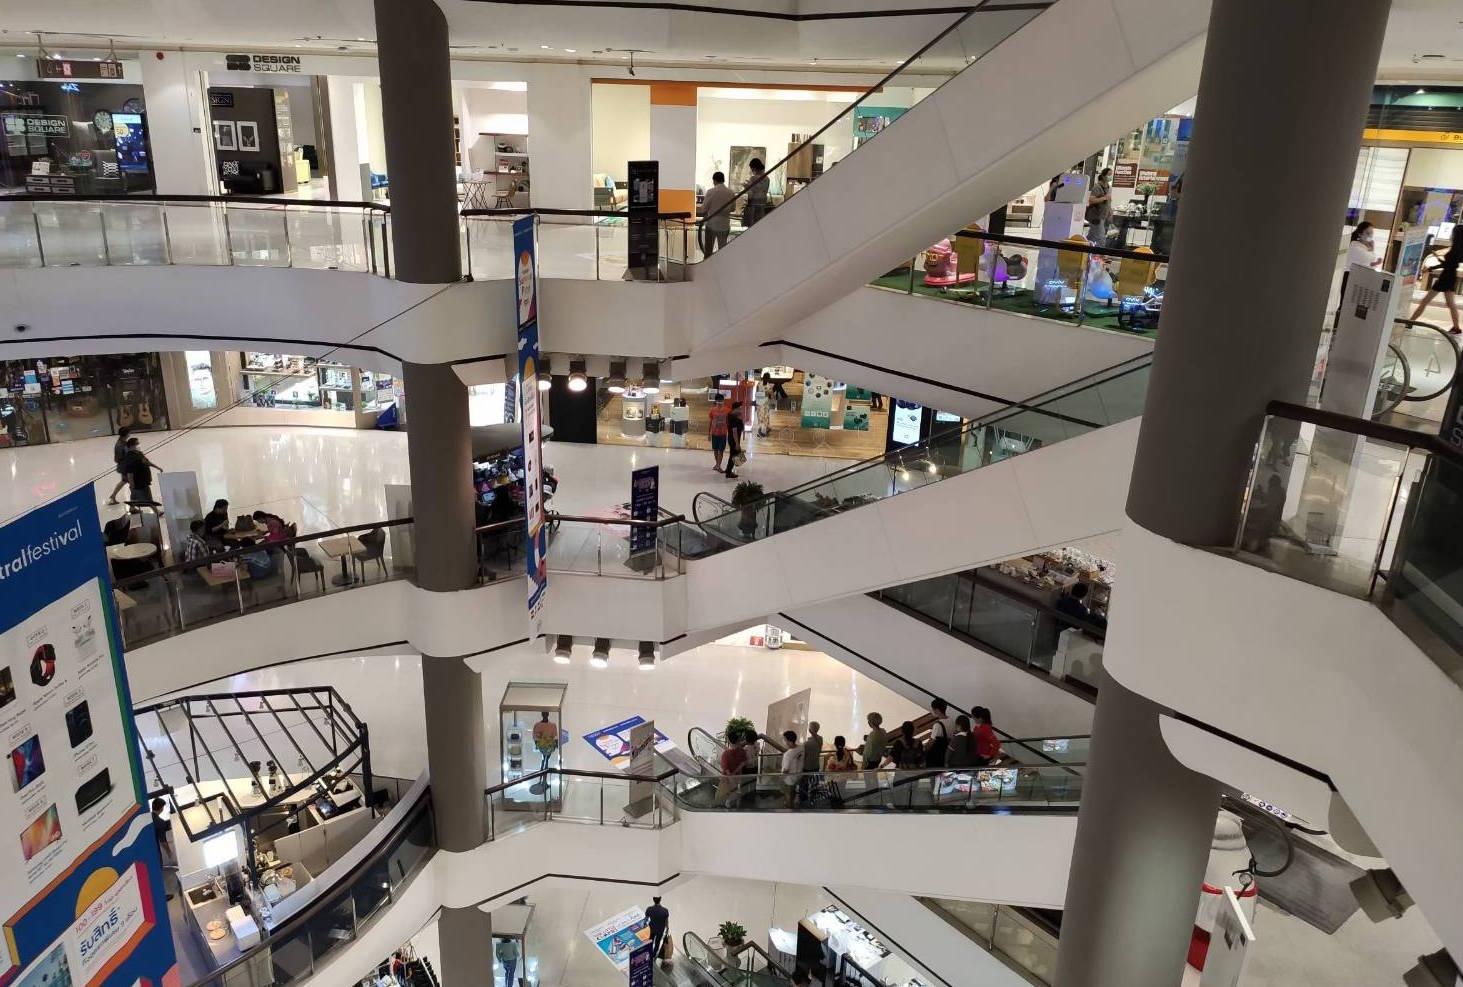 ค้าปลีก ชง 4 ข้อ จี้นายกฯ เยียวยาทั้งระบบ หวั่นเสียหลายแสนล้าน – ธุรกิจ